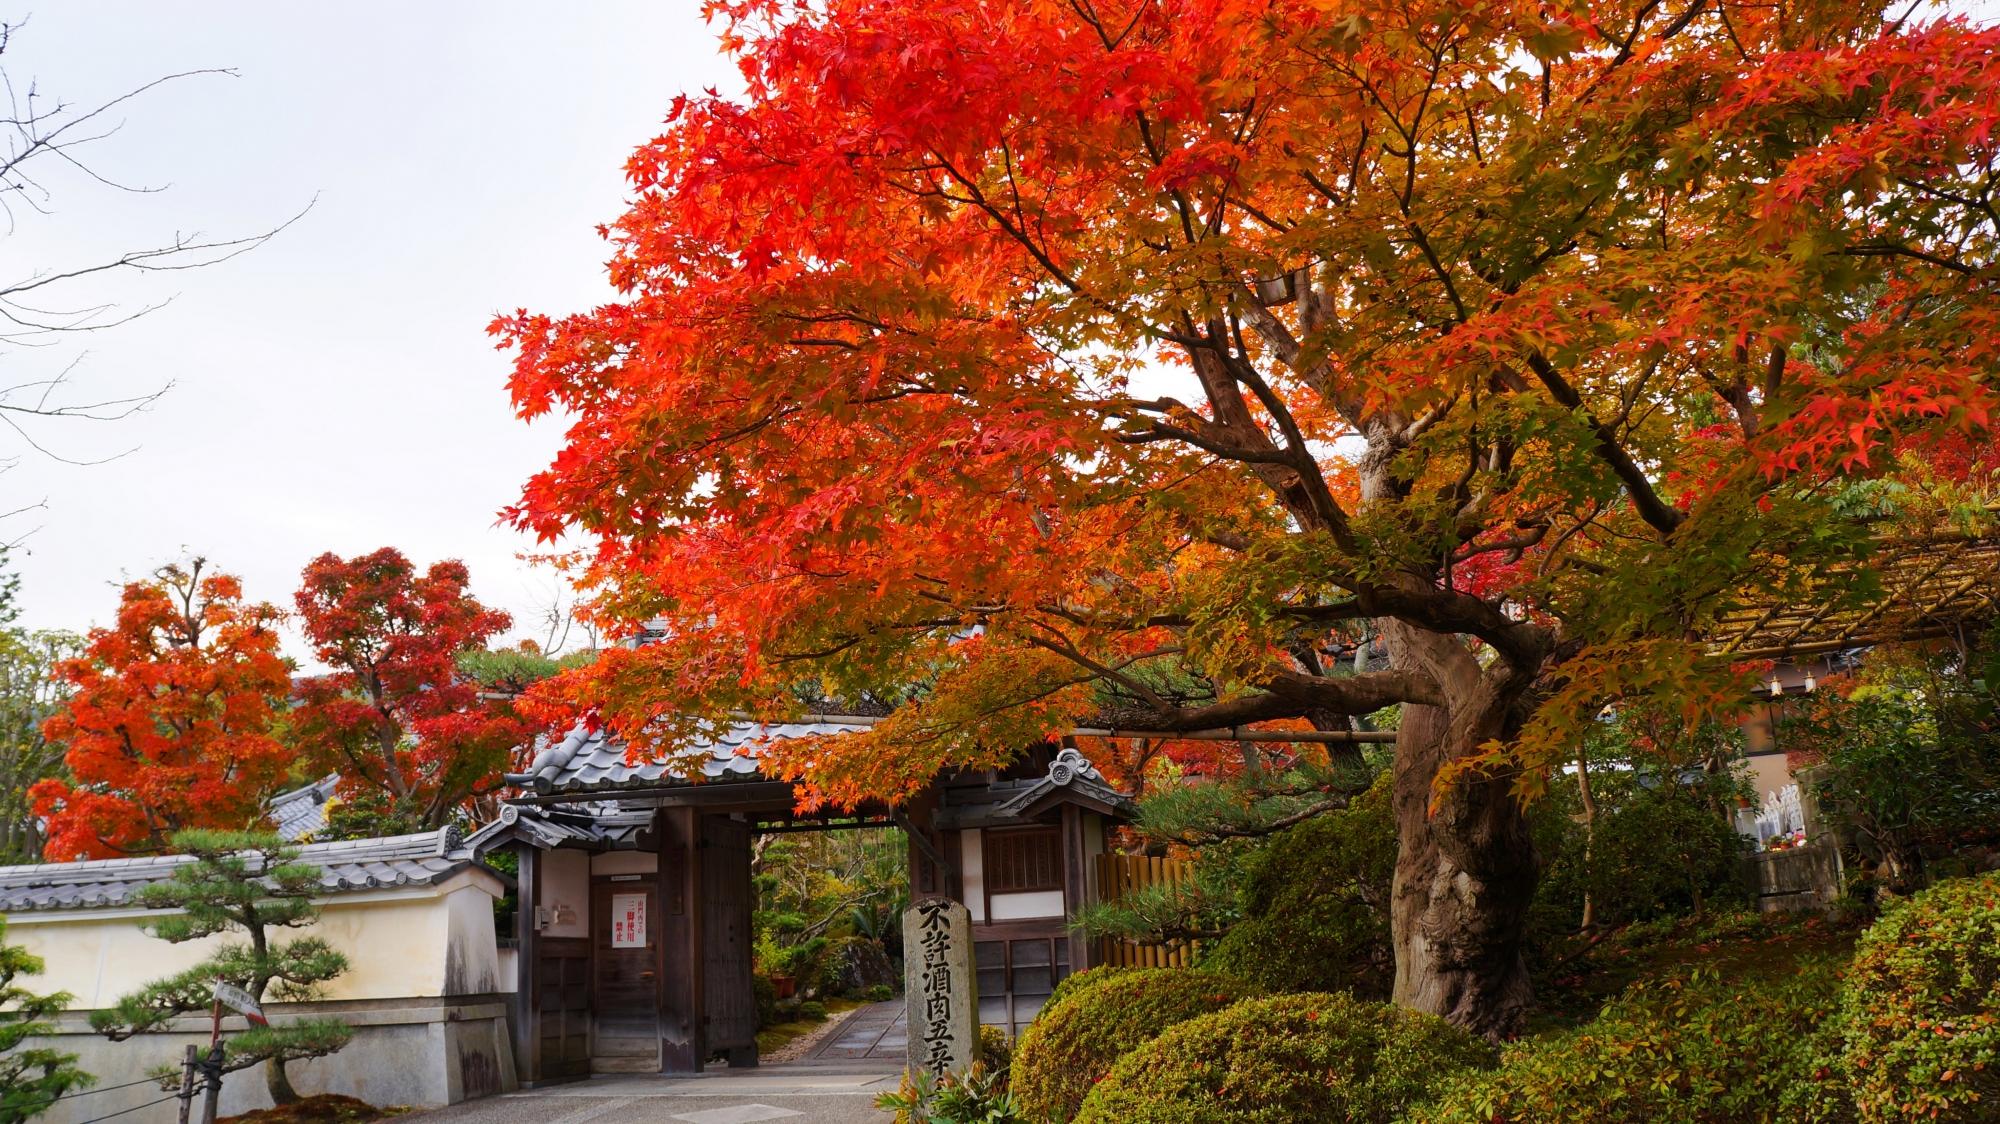 正法寺の見事な紅葉と秋色の情景